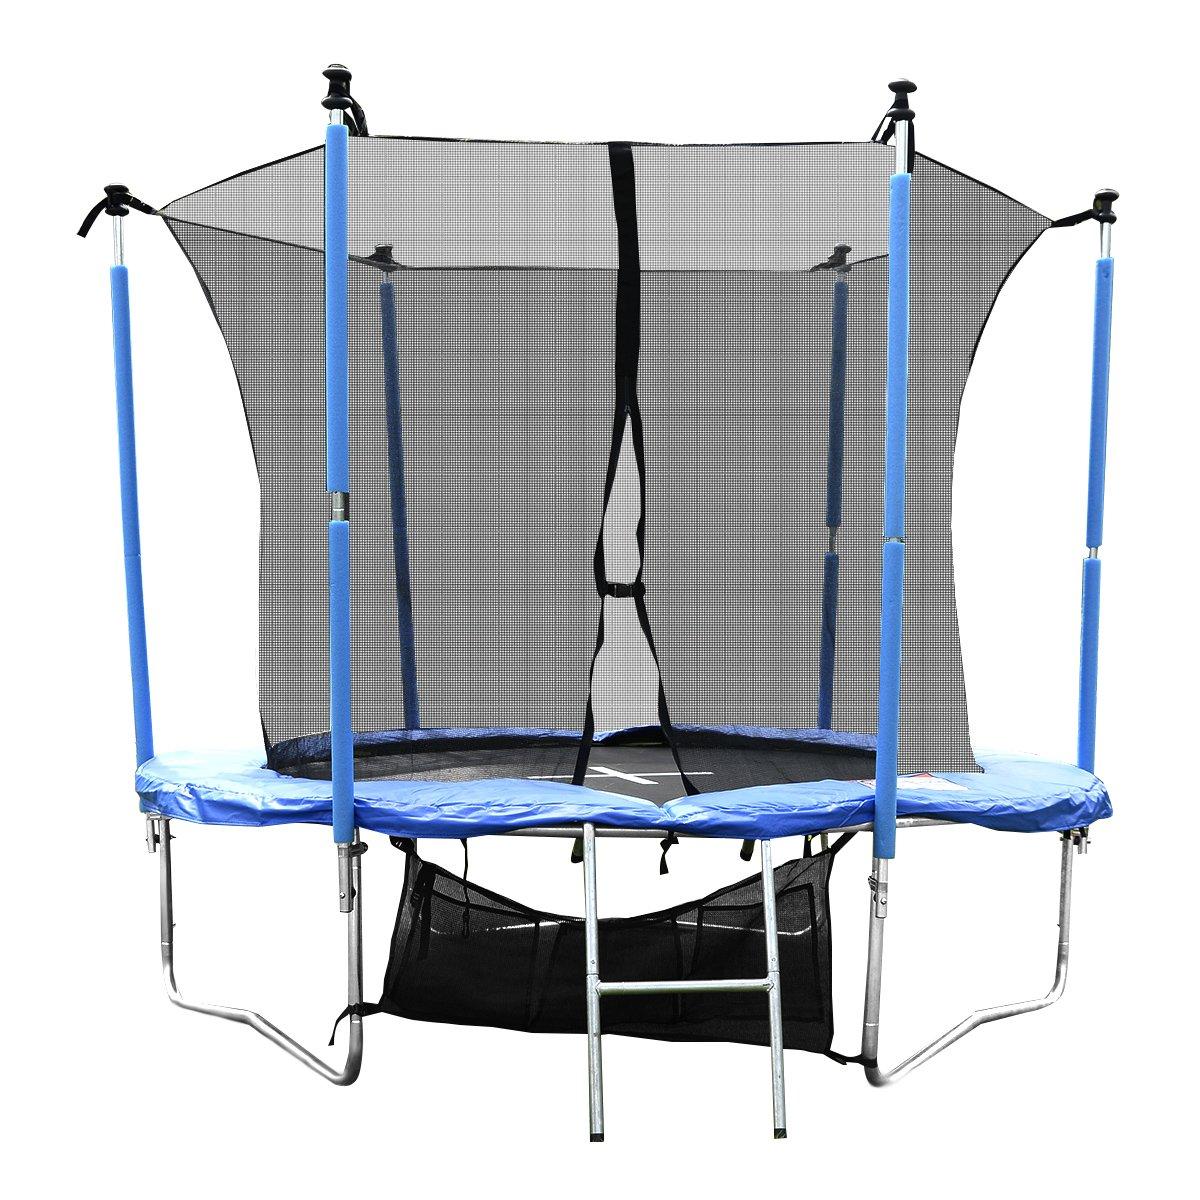 Sports Trampoline Gartentrampoline Outdoor Komplettset inkl. Sicherheitnetz,Leiter,Schuhtasche und Regenabdeckplane diverse Größen jetzt bestellen